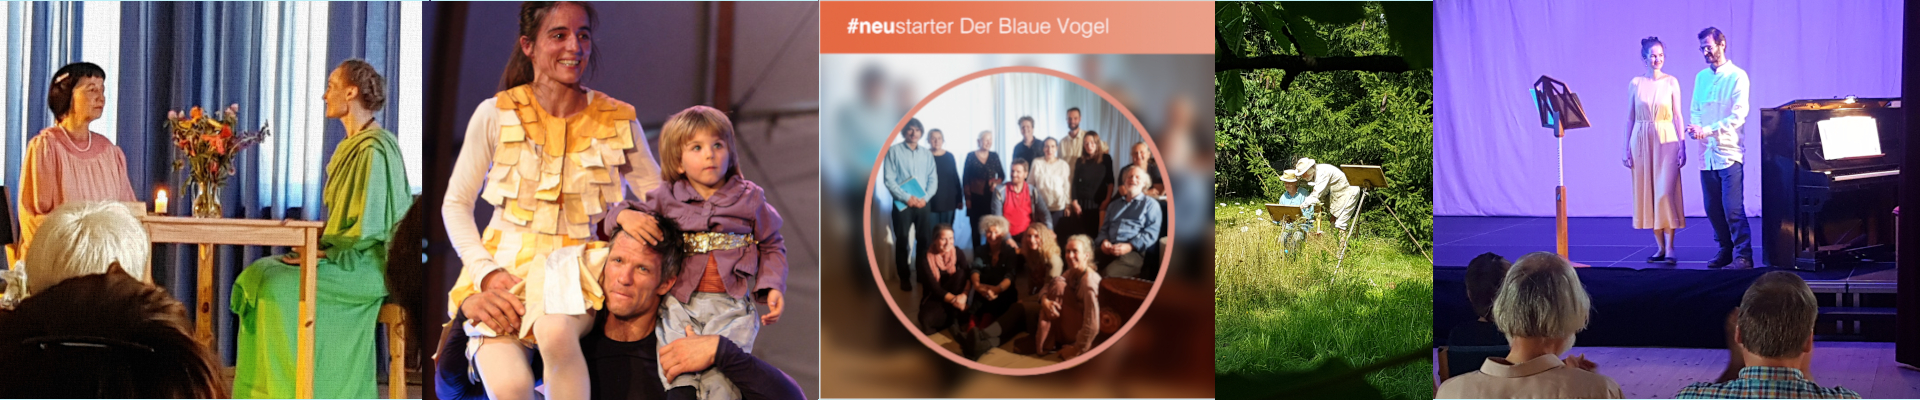 Hoftheater Der blaue Vogel